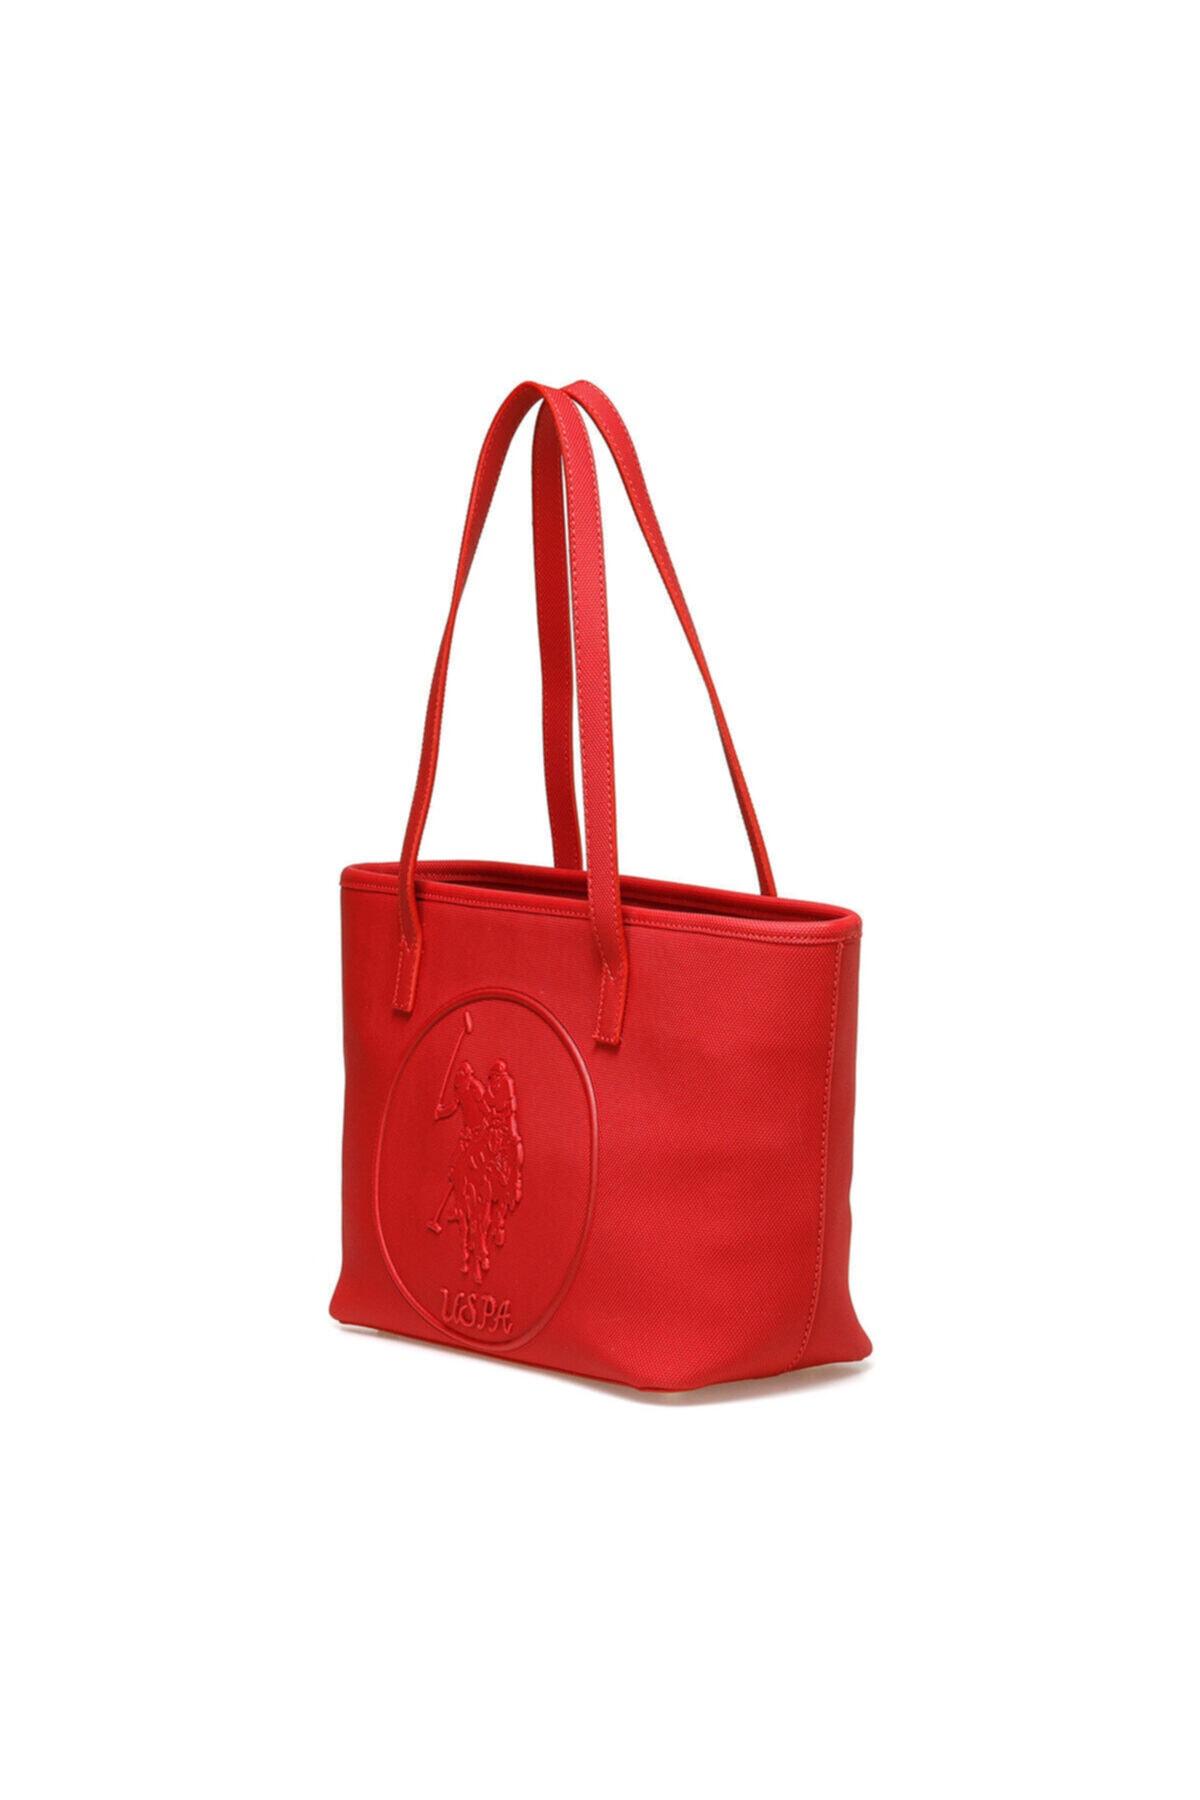 U.S. Polo Assn. Kırmızı Kadın Omuz Çantası US20316 2